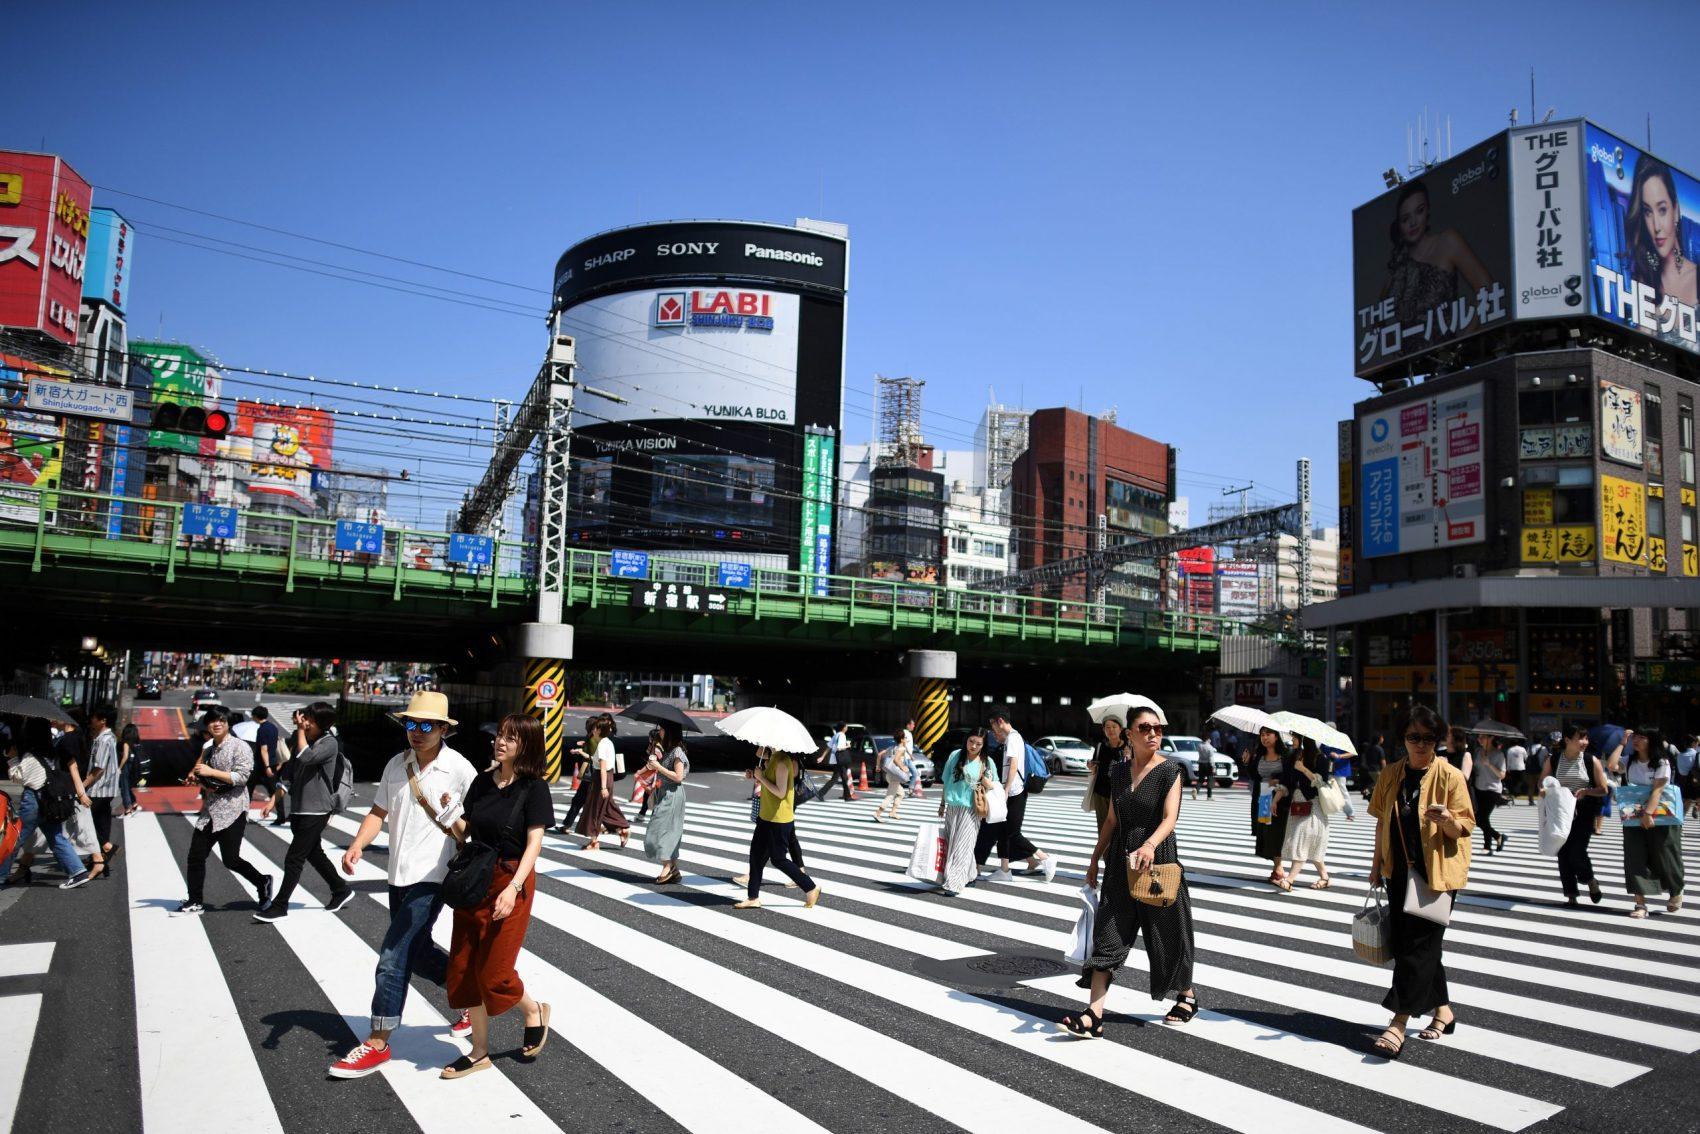 Moradores de Tóquio usam sombrinhas para se proteger de sol no último verão: diferença das ilhas de calor para pontos mais frescos da capital japonesa chega a cinco graus centígrados (Foto: Charly Triballeau/AFP)